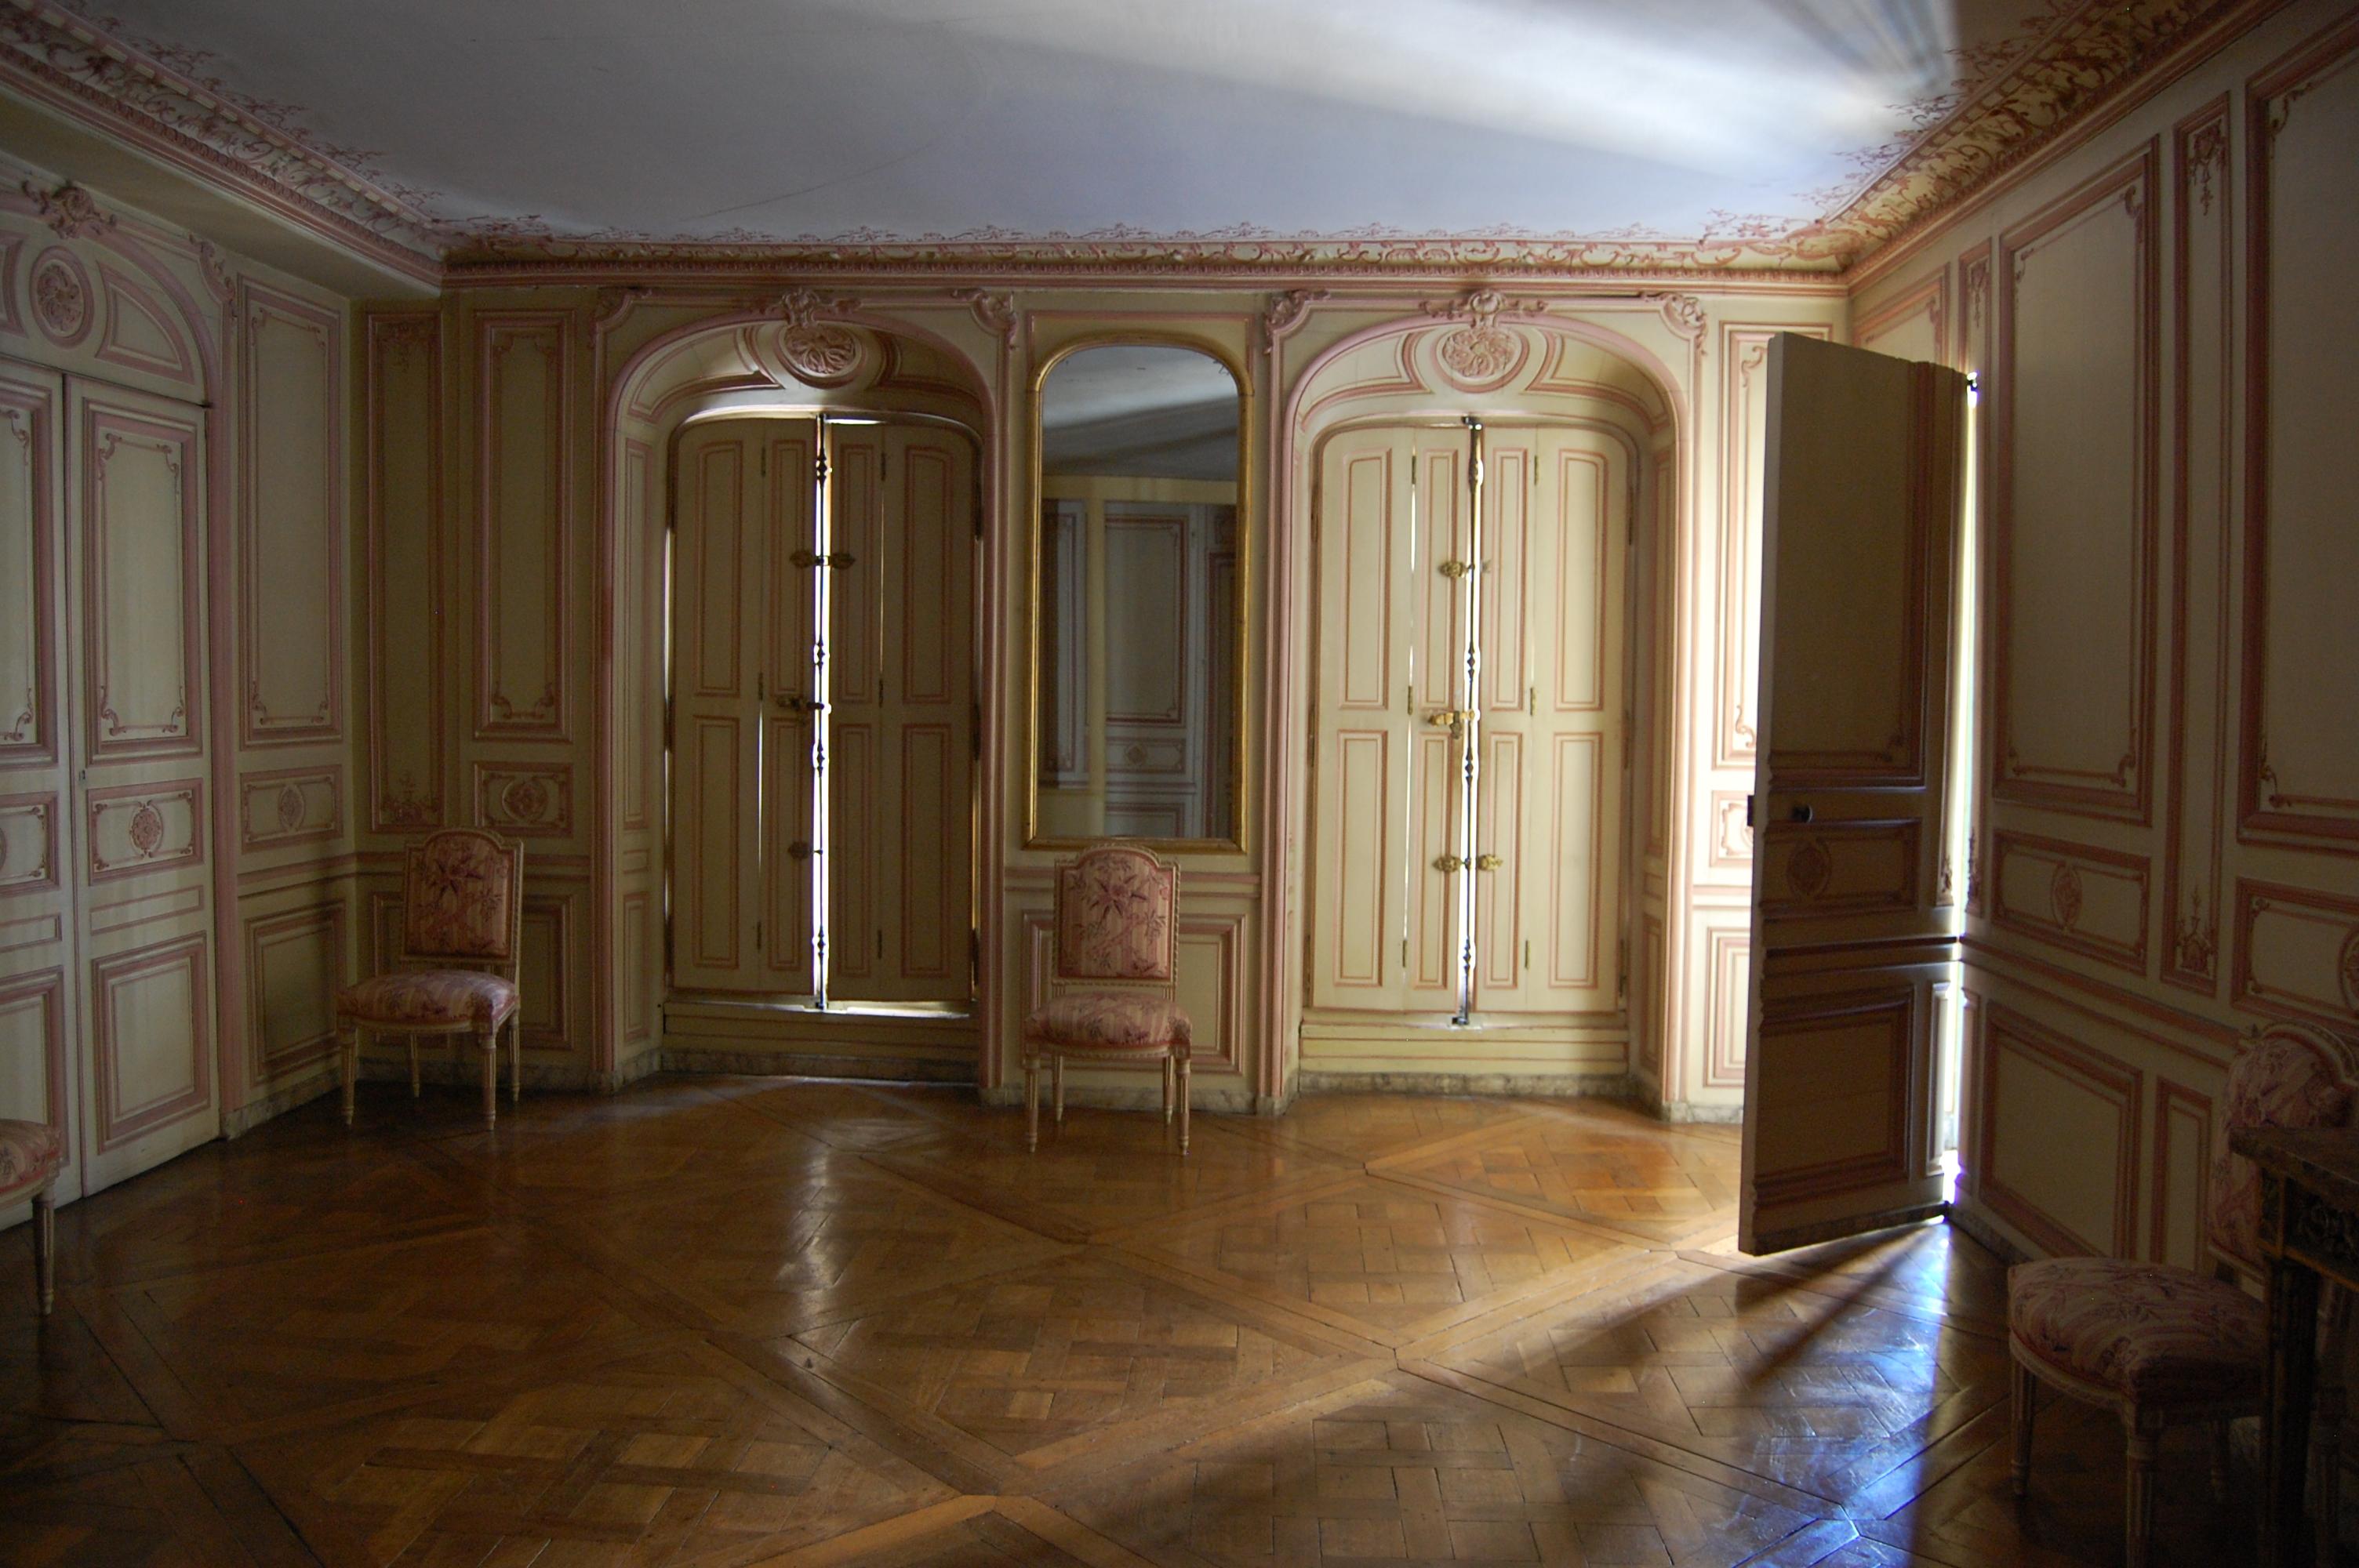 Second étage - Aile centrale - Appartement de Madame du Barry ...